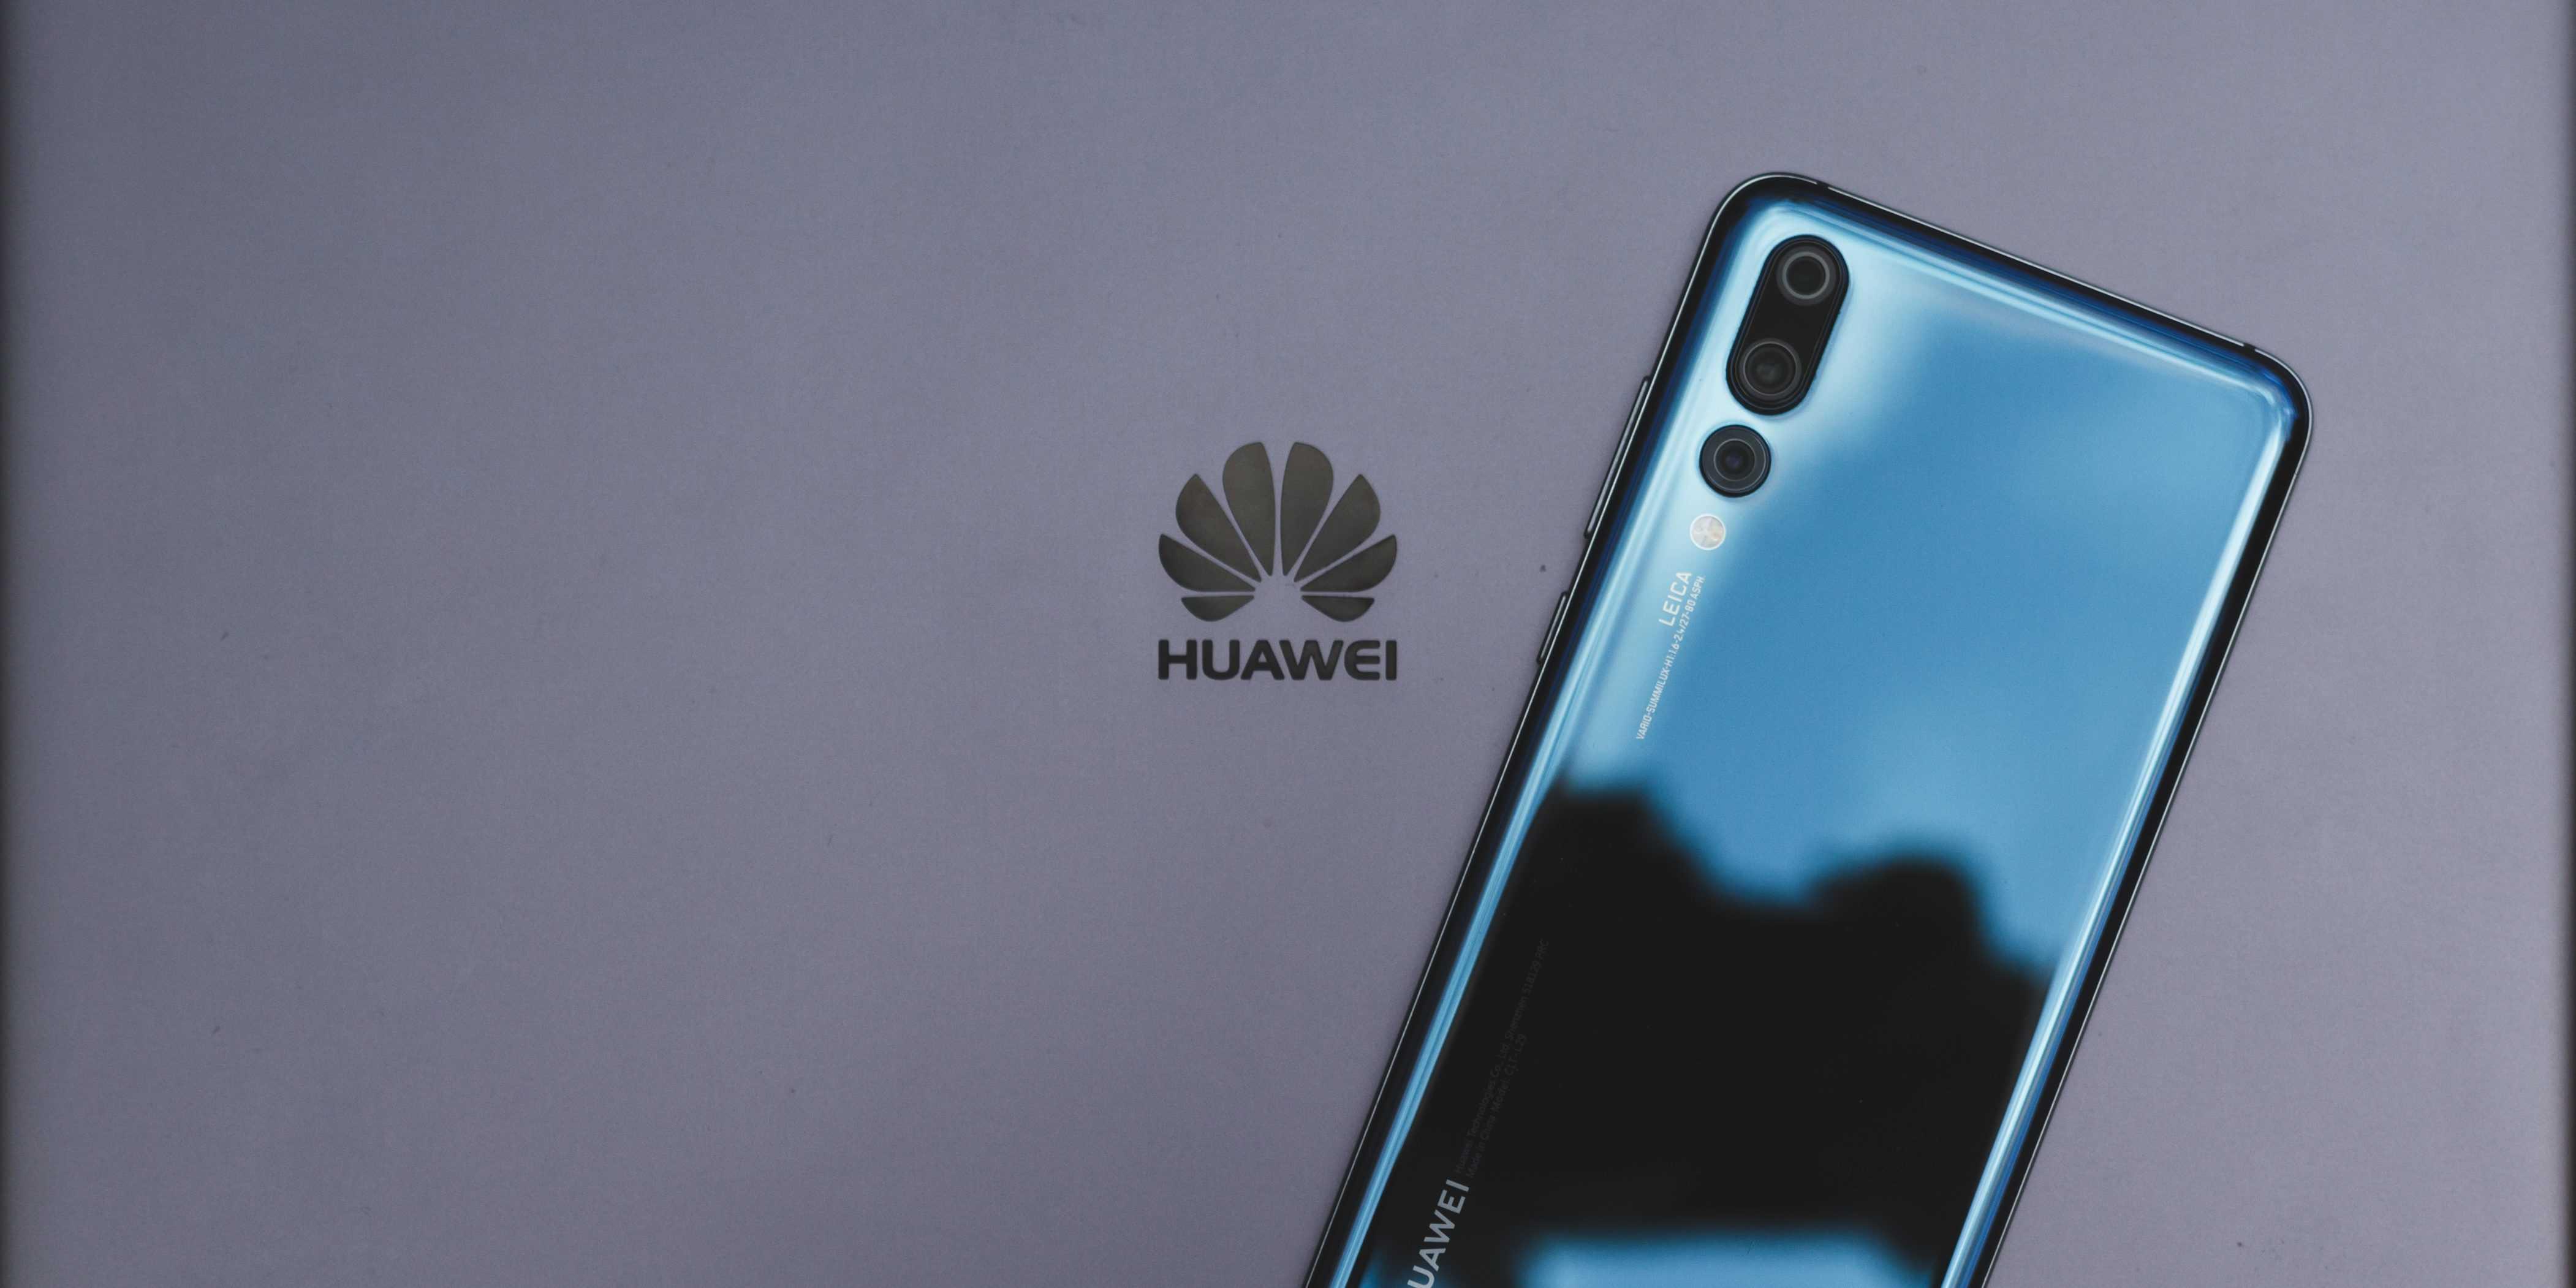 Администрация сша расширила санкции в отношении китайской компании huawei ► последние новости